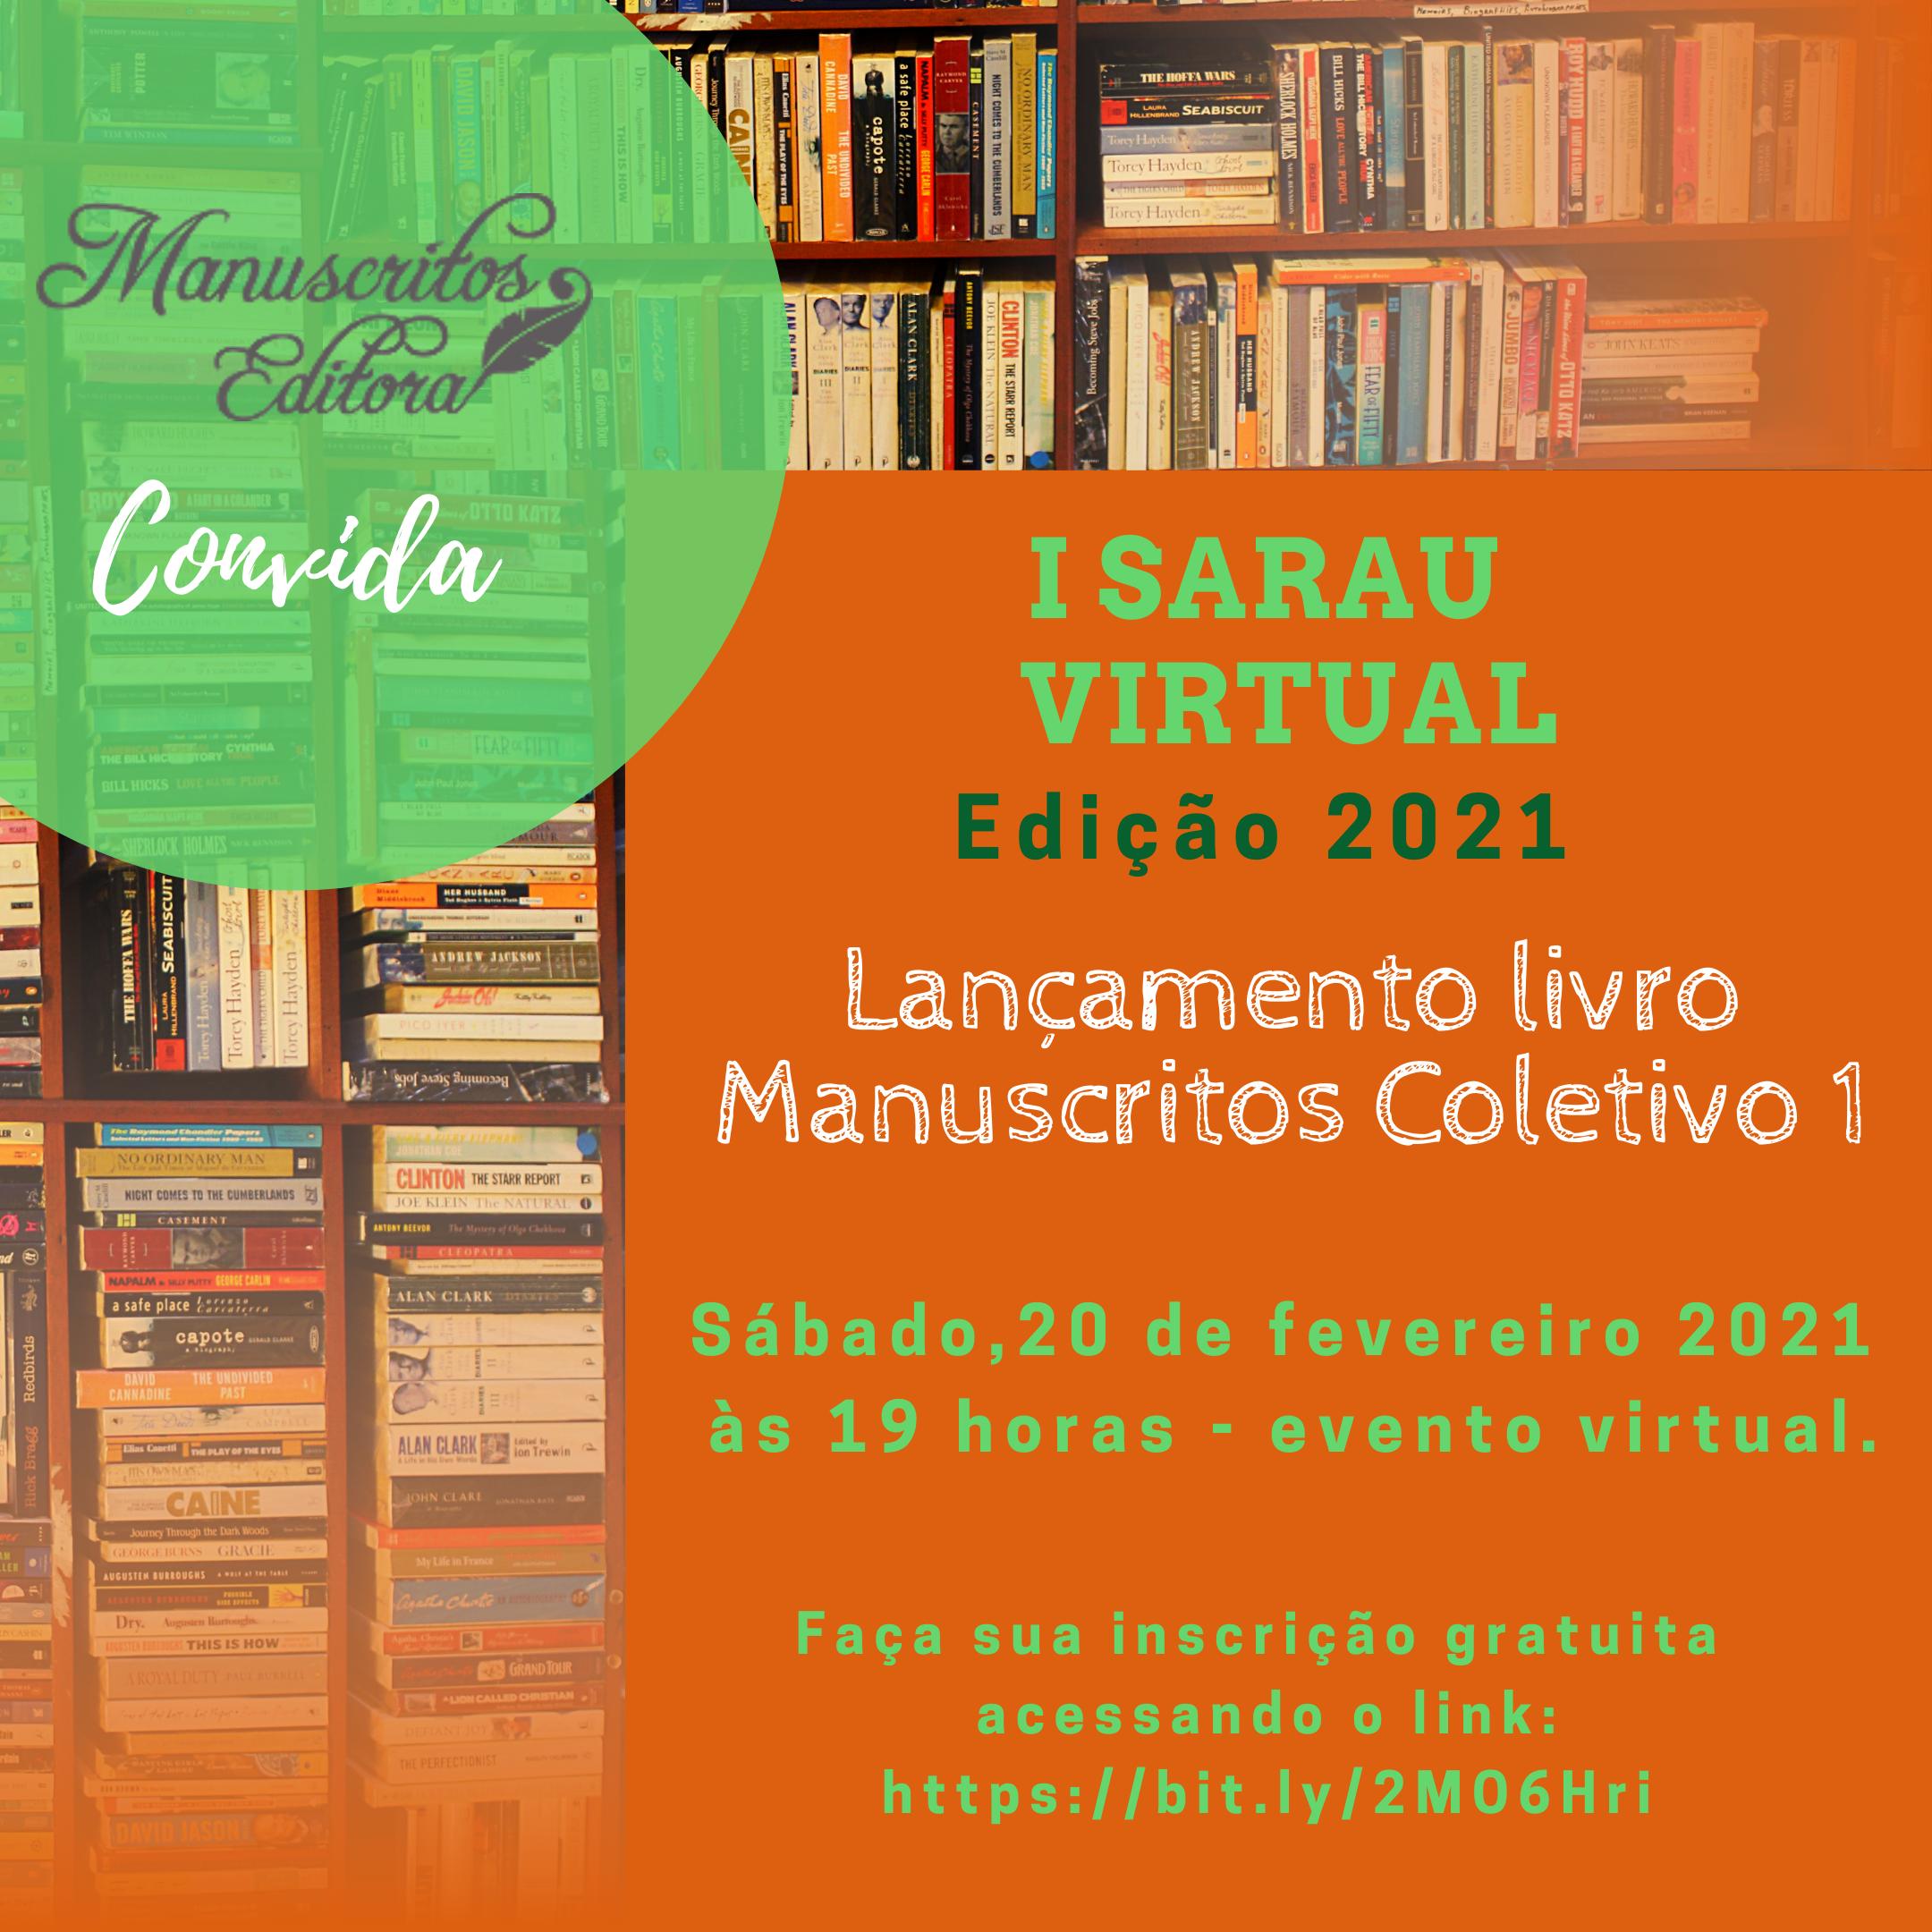 II Sarau Virtual - Edição 2021